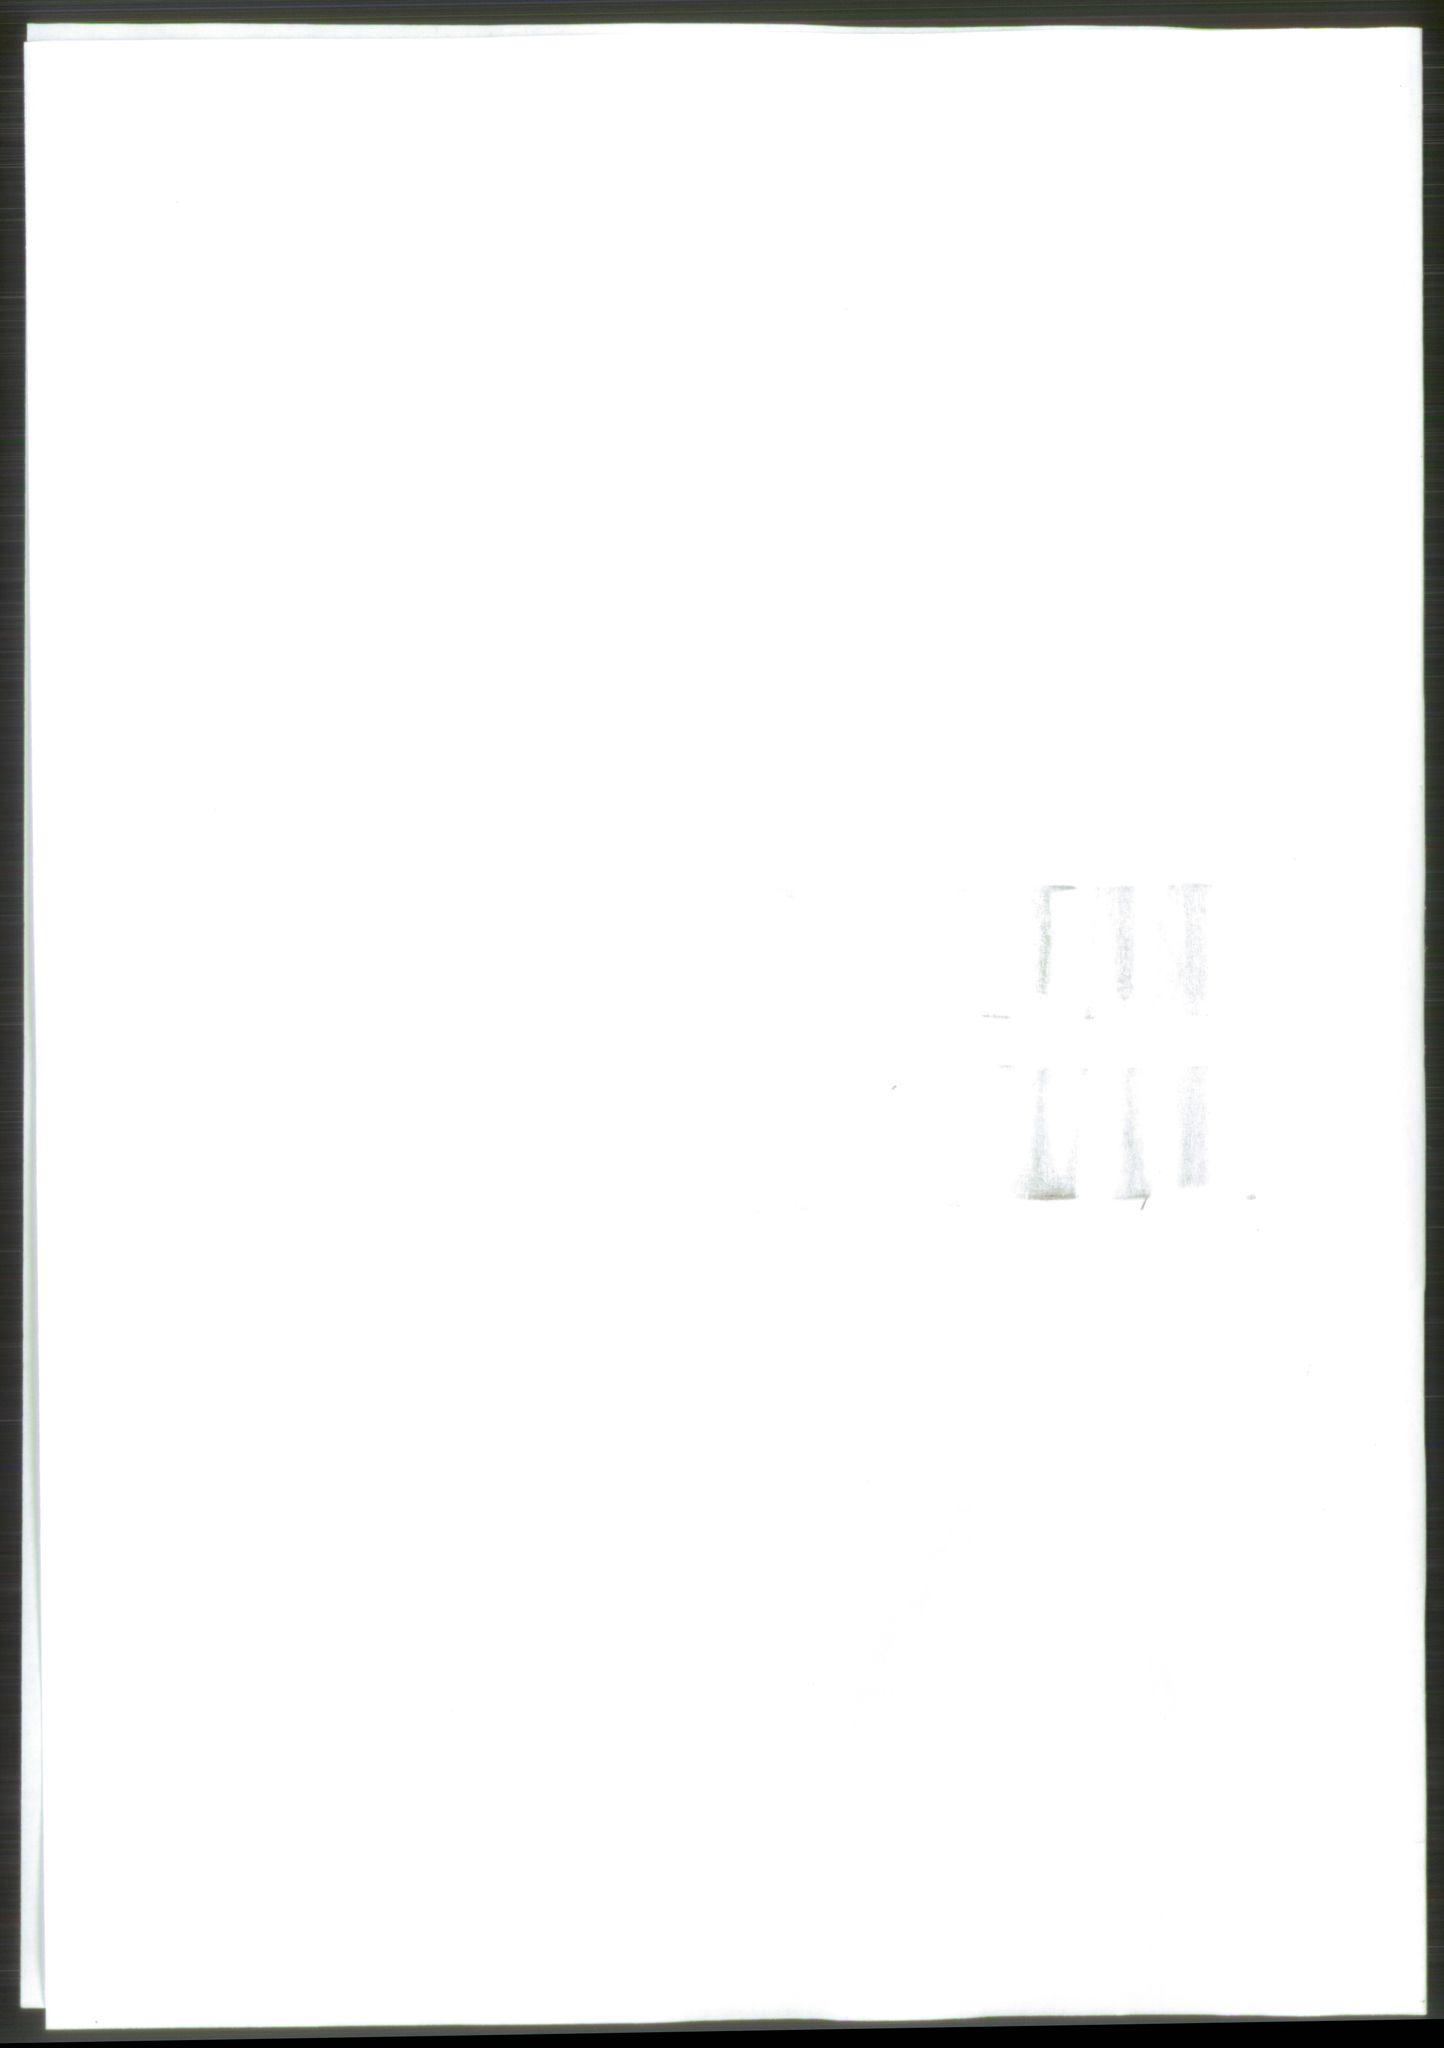 RA, Forsvaret, Forsvarets krigshistoriske avdeling, Y/Ya/L0013: II-C-11-31 - Fylkesmenn.  Rapporter om krigsbegivenhetene 1940., 1940, s. 216